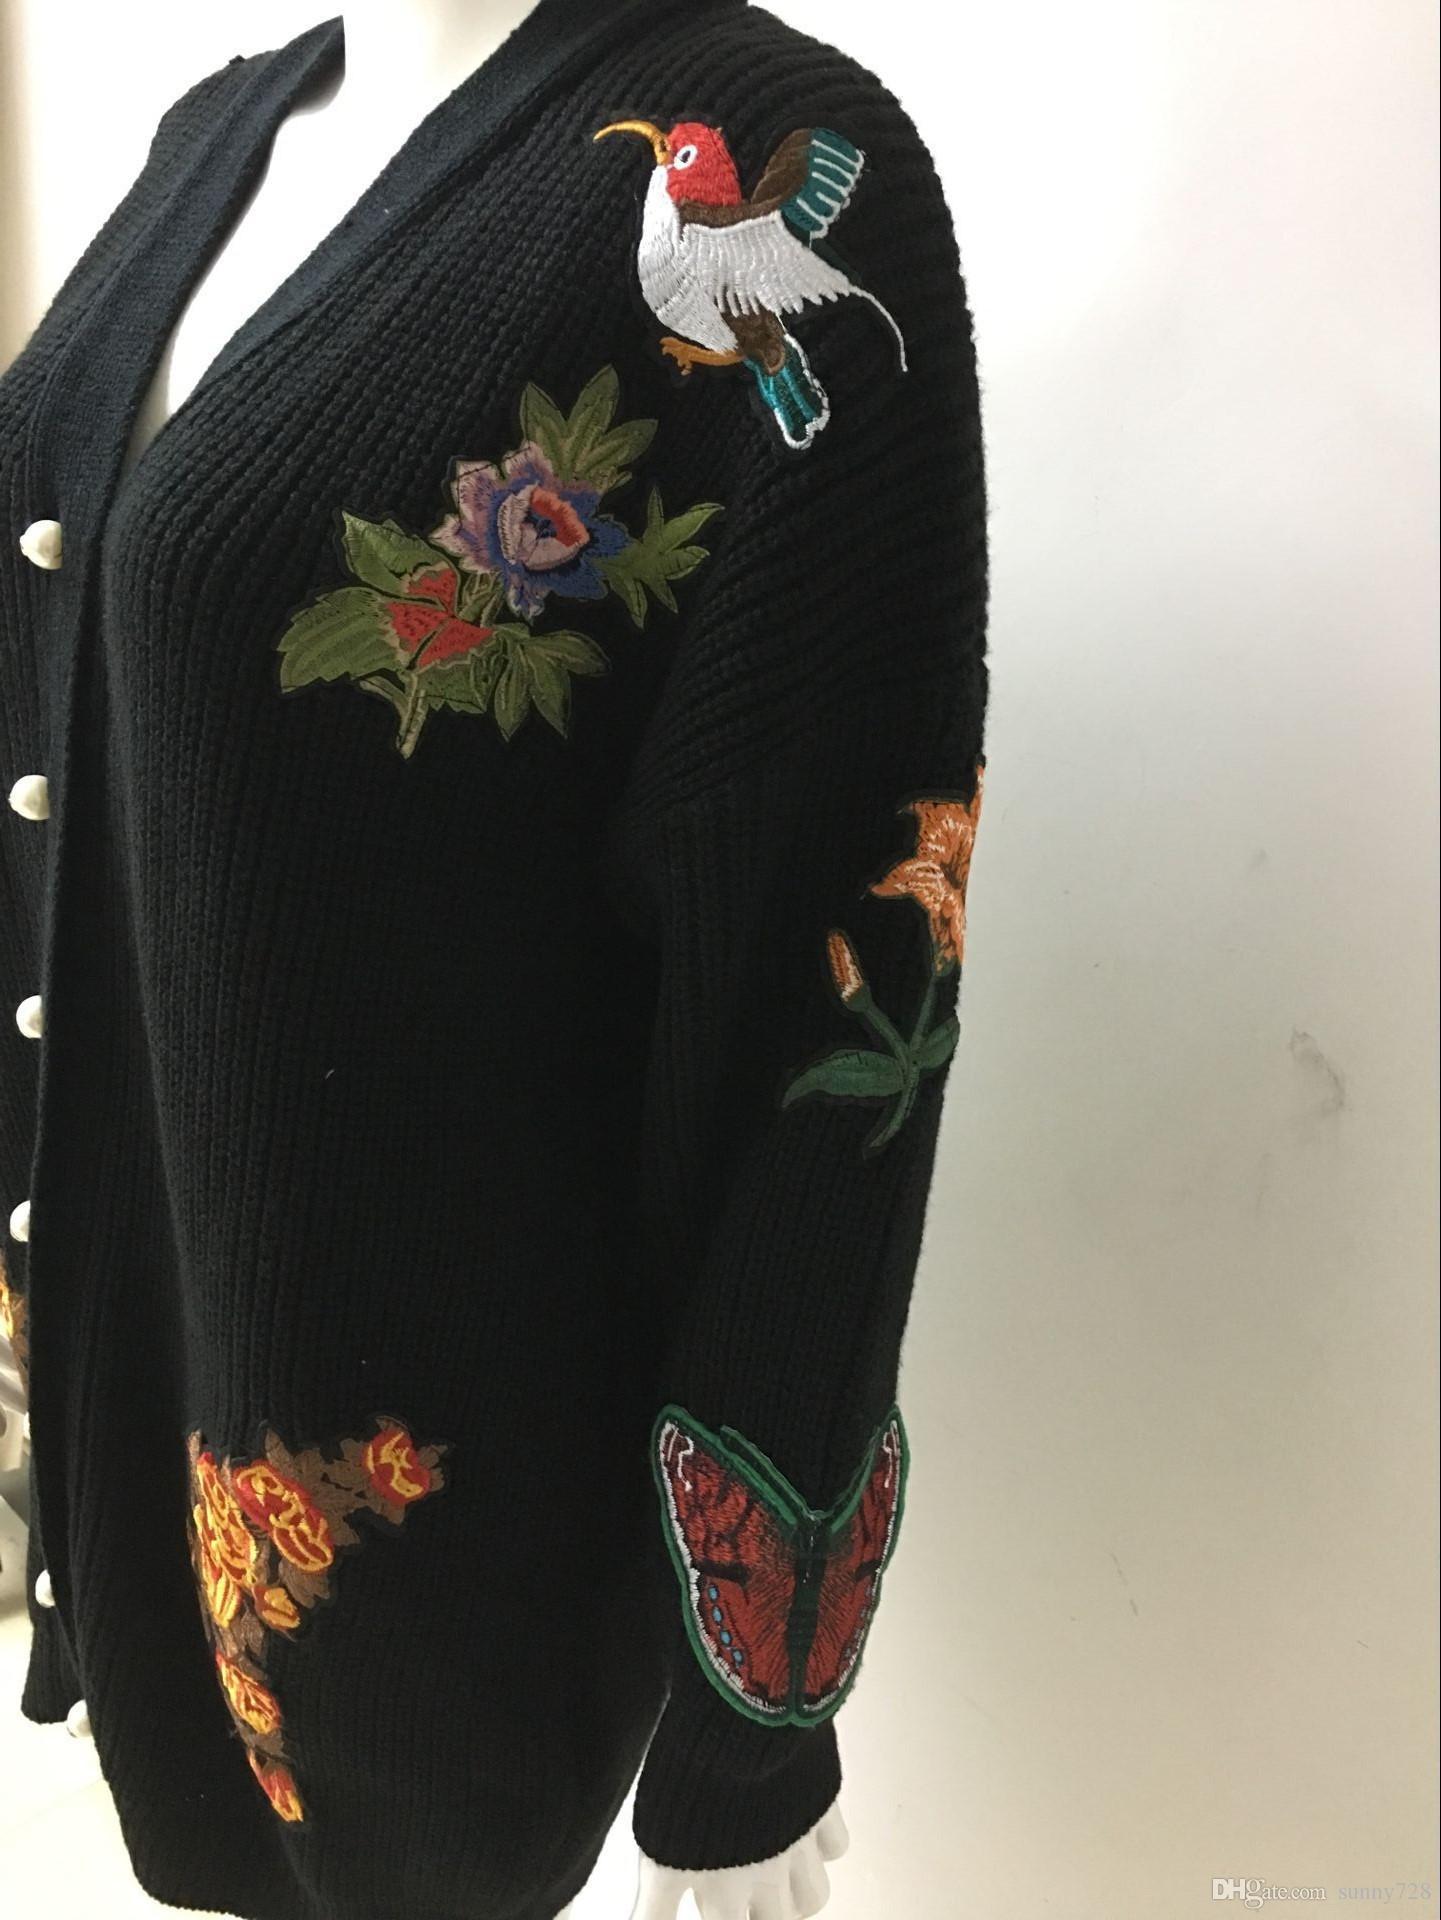 2018 Nova Chegada Preto Camisola De Malha Casacos Moda Bordado Flores Mangas Compridas Magro Camisola Das Mulheres Cardigans Inverno Thicke com Botão